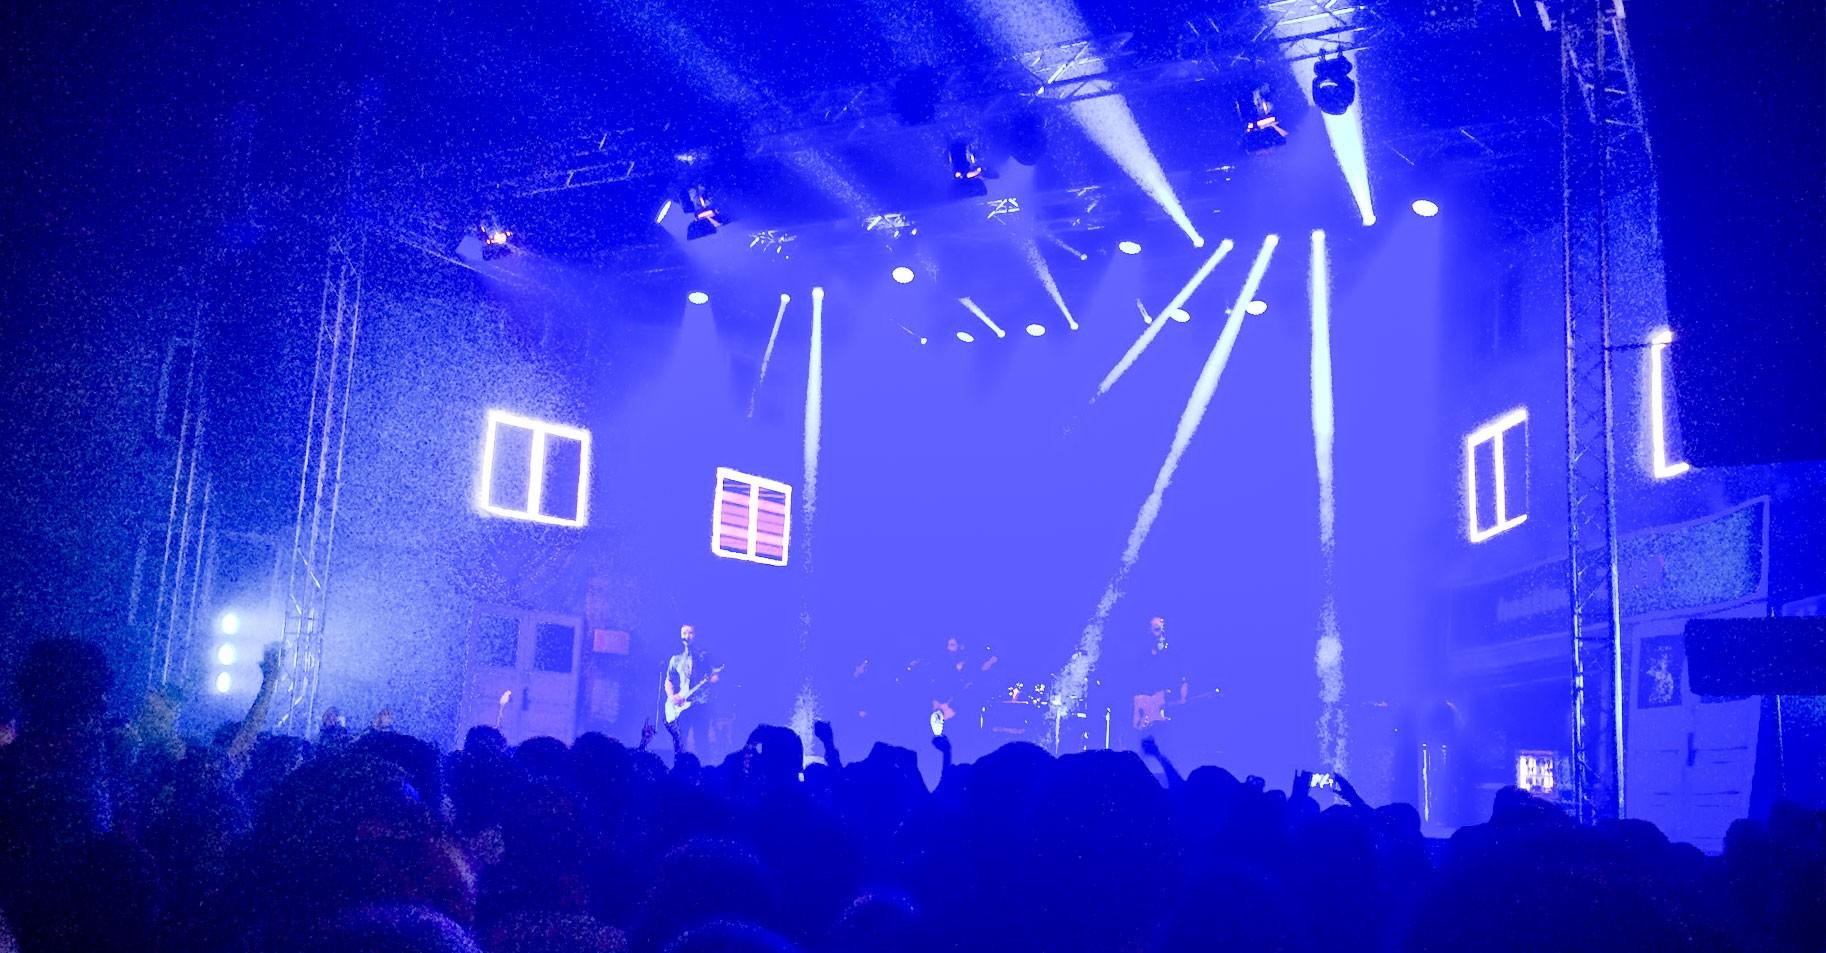 koncert_wohnout_samosebou_trideni_odpadu